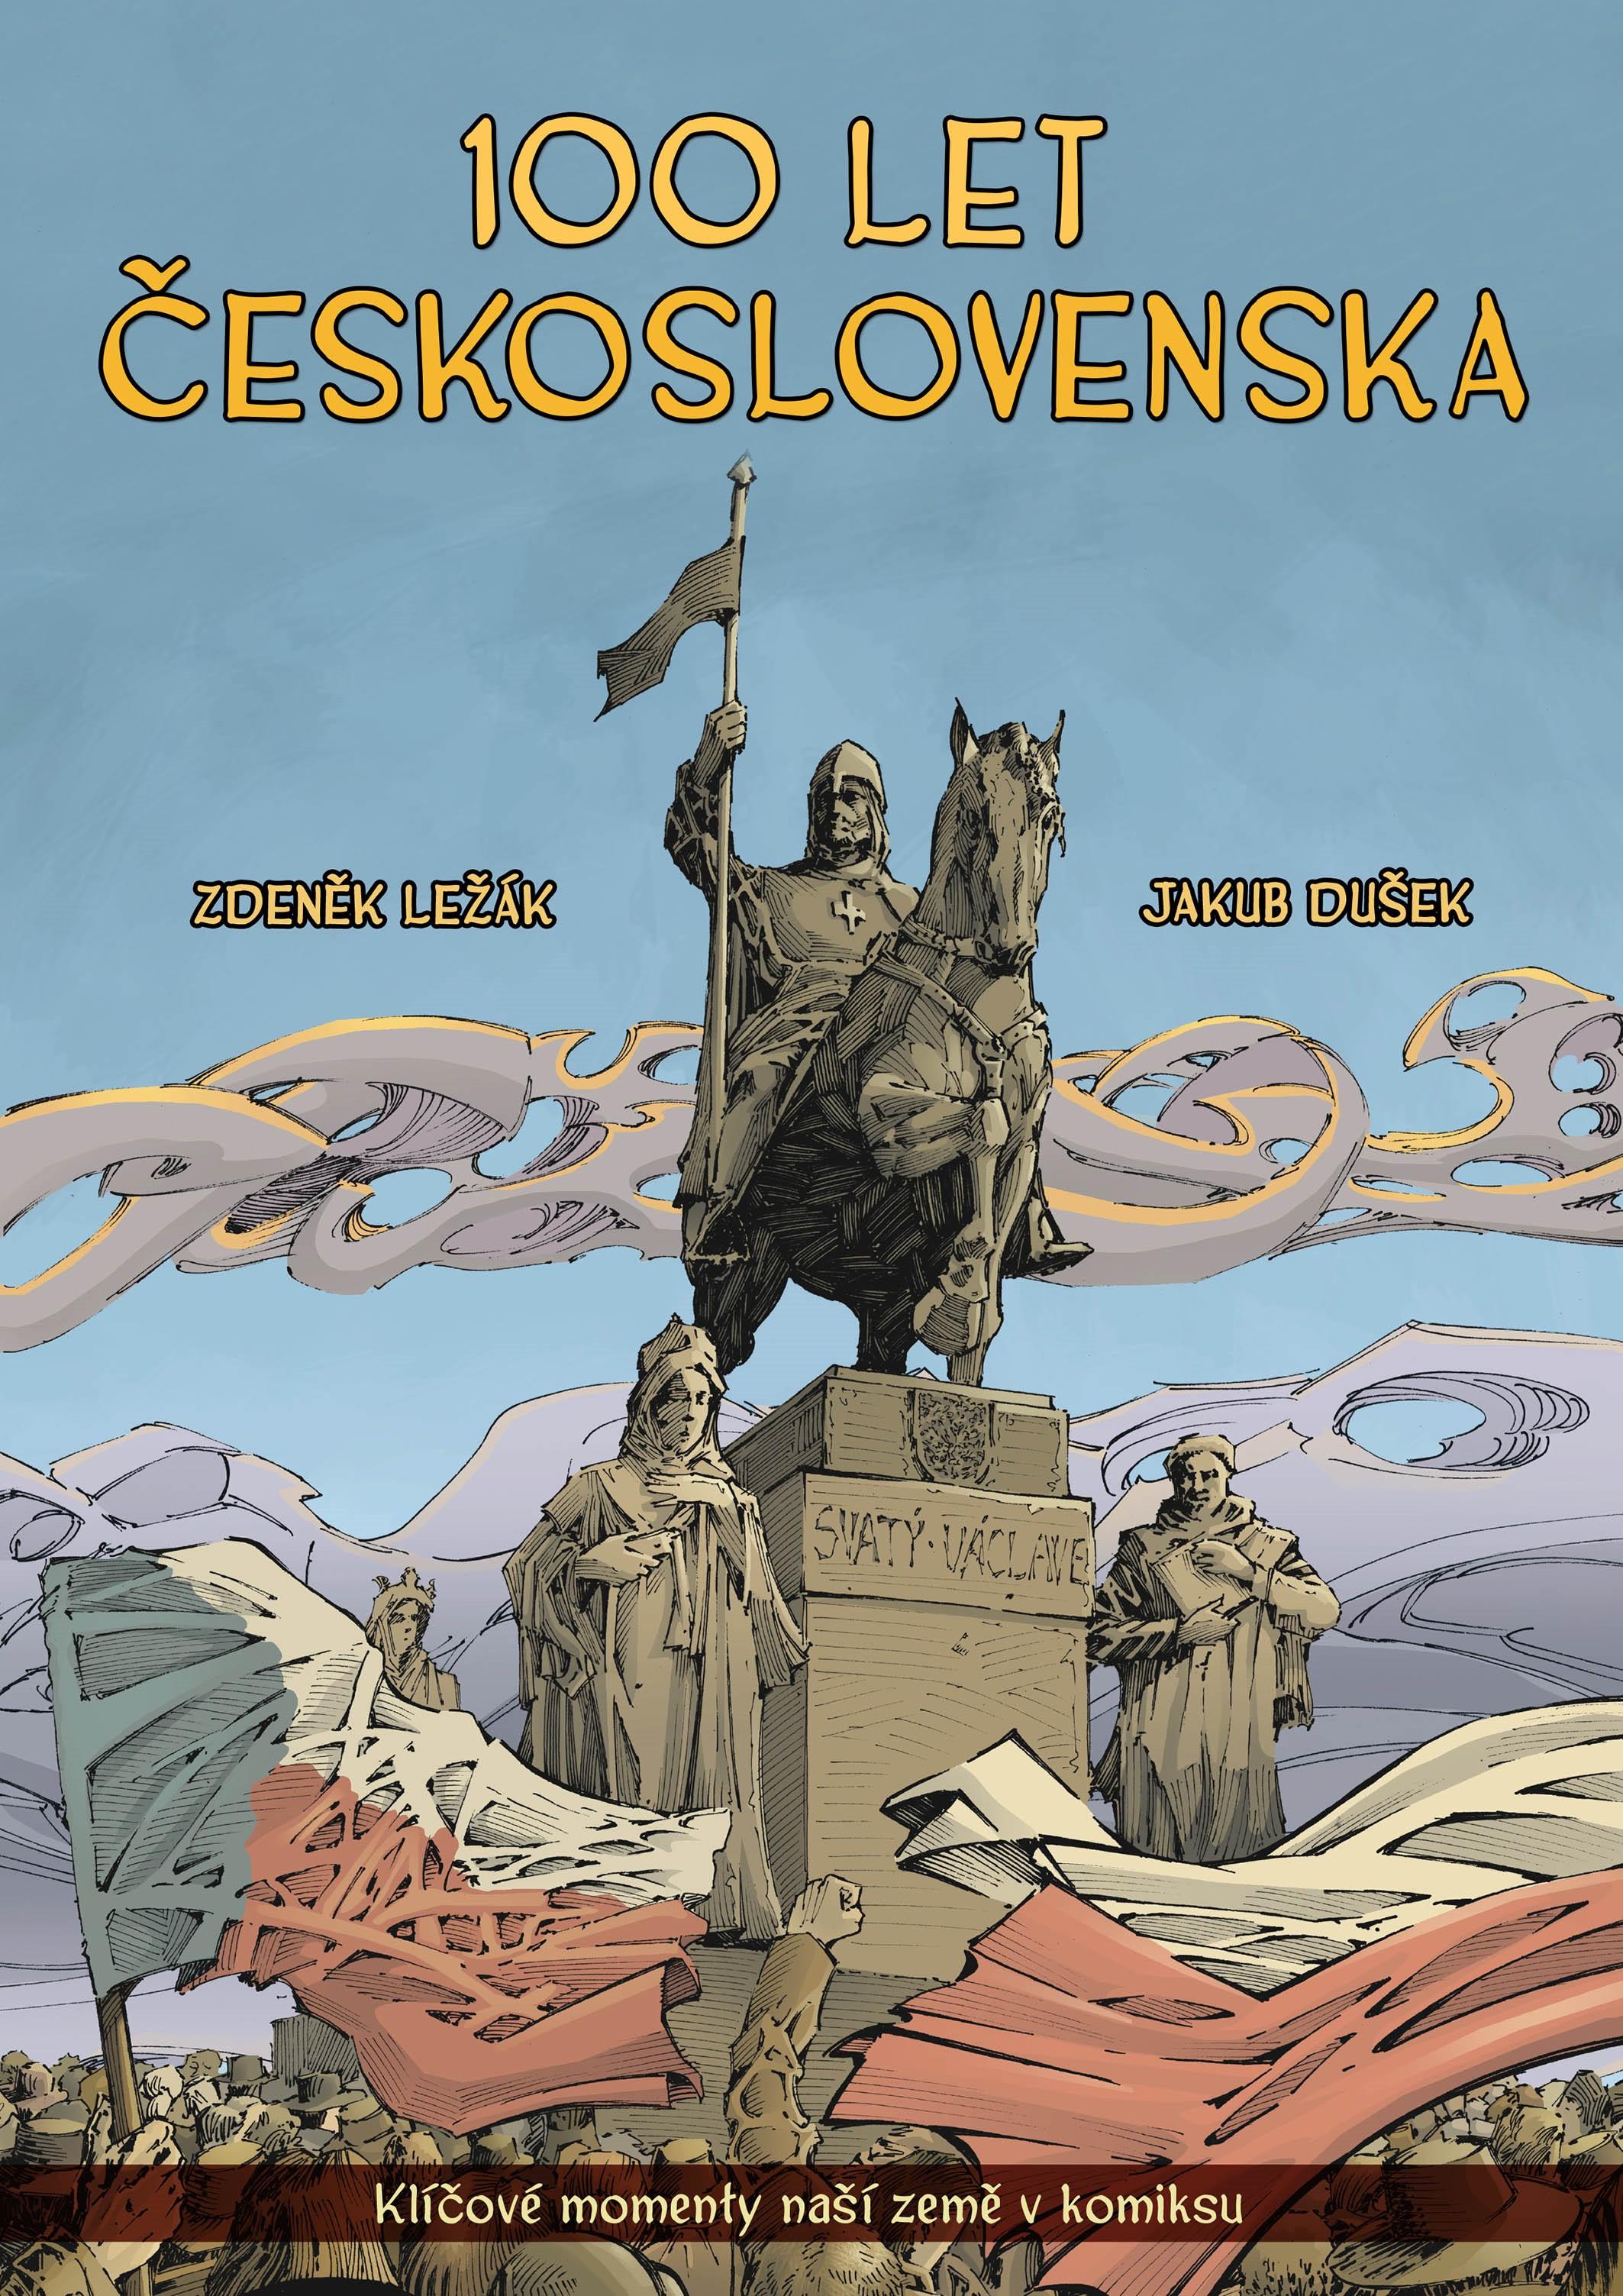 100 LET ČESOSLOVENSKA